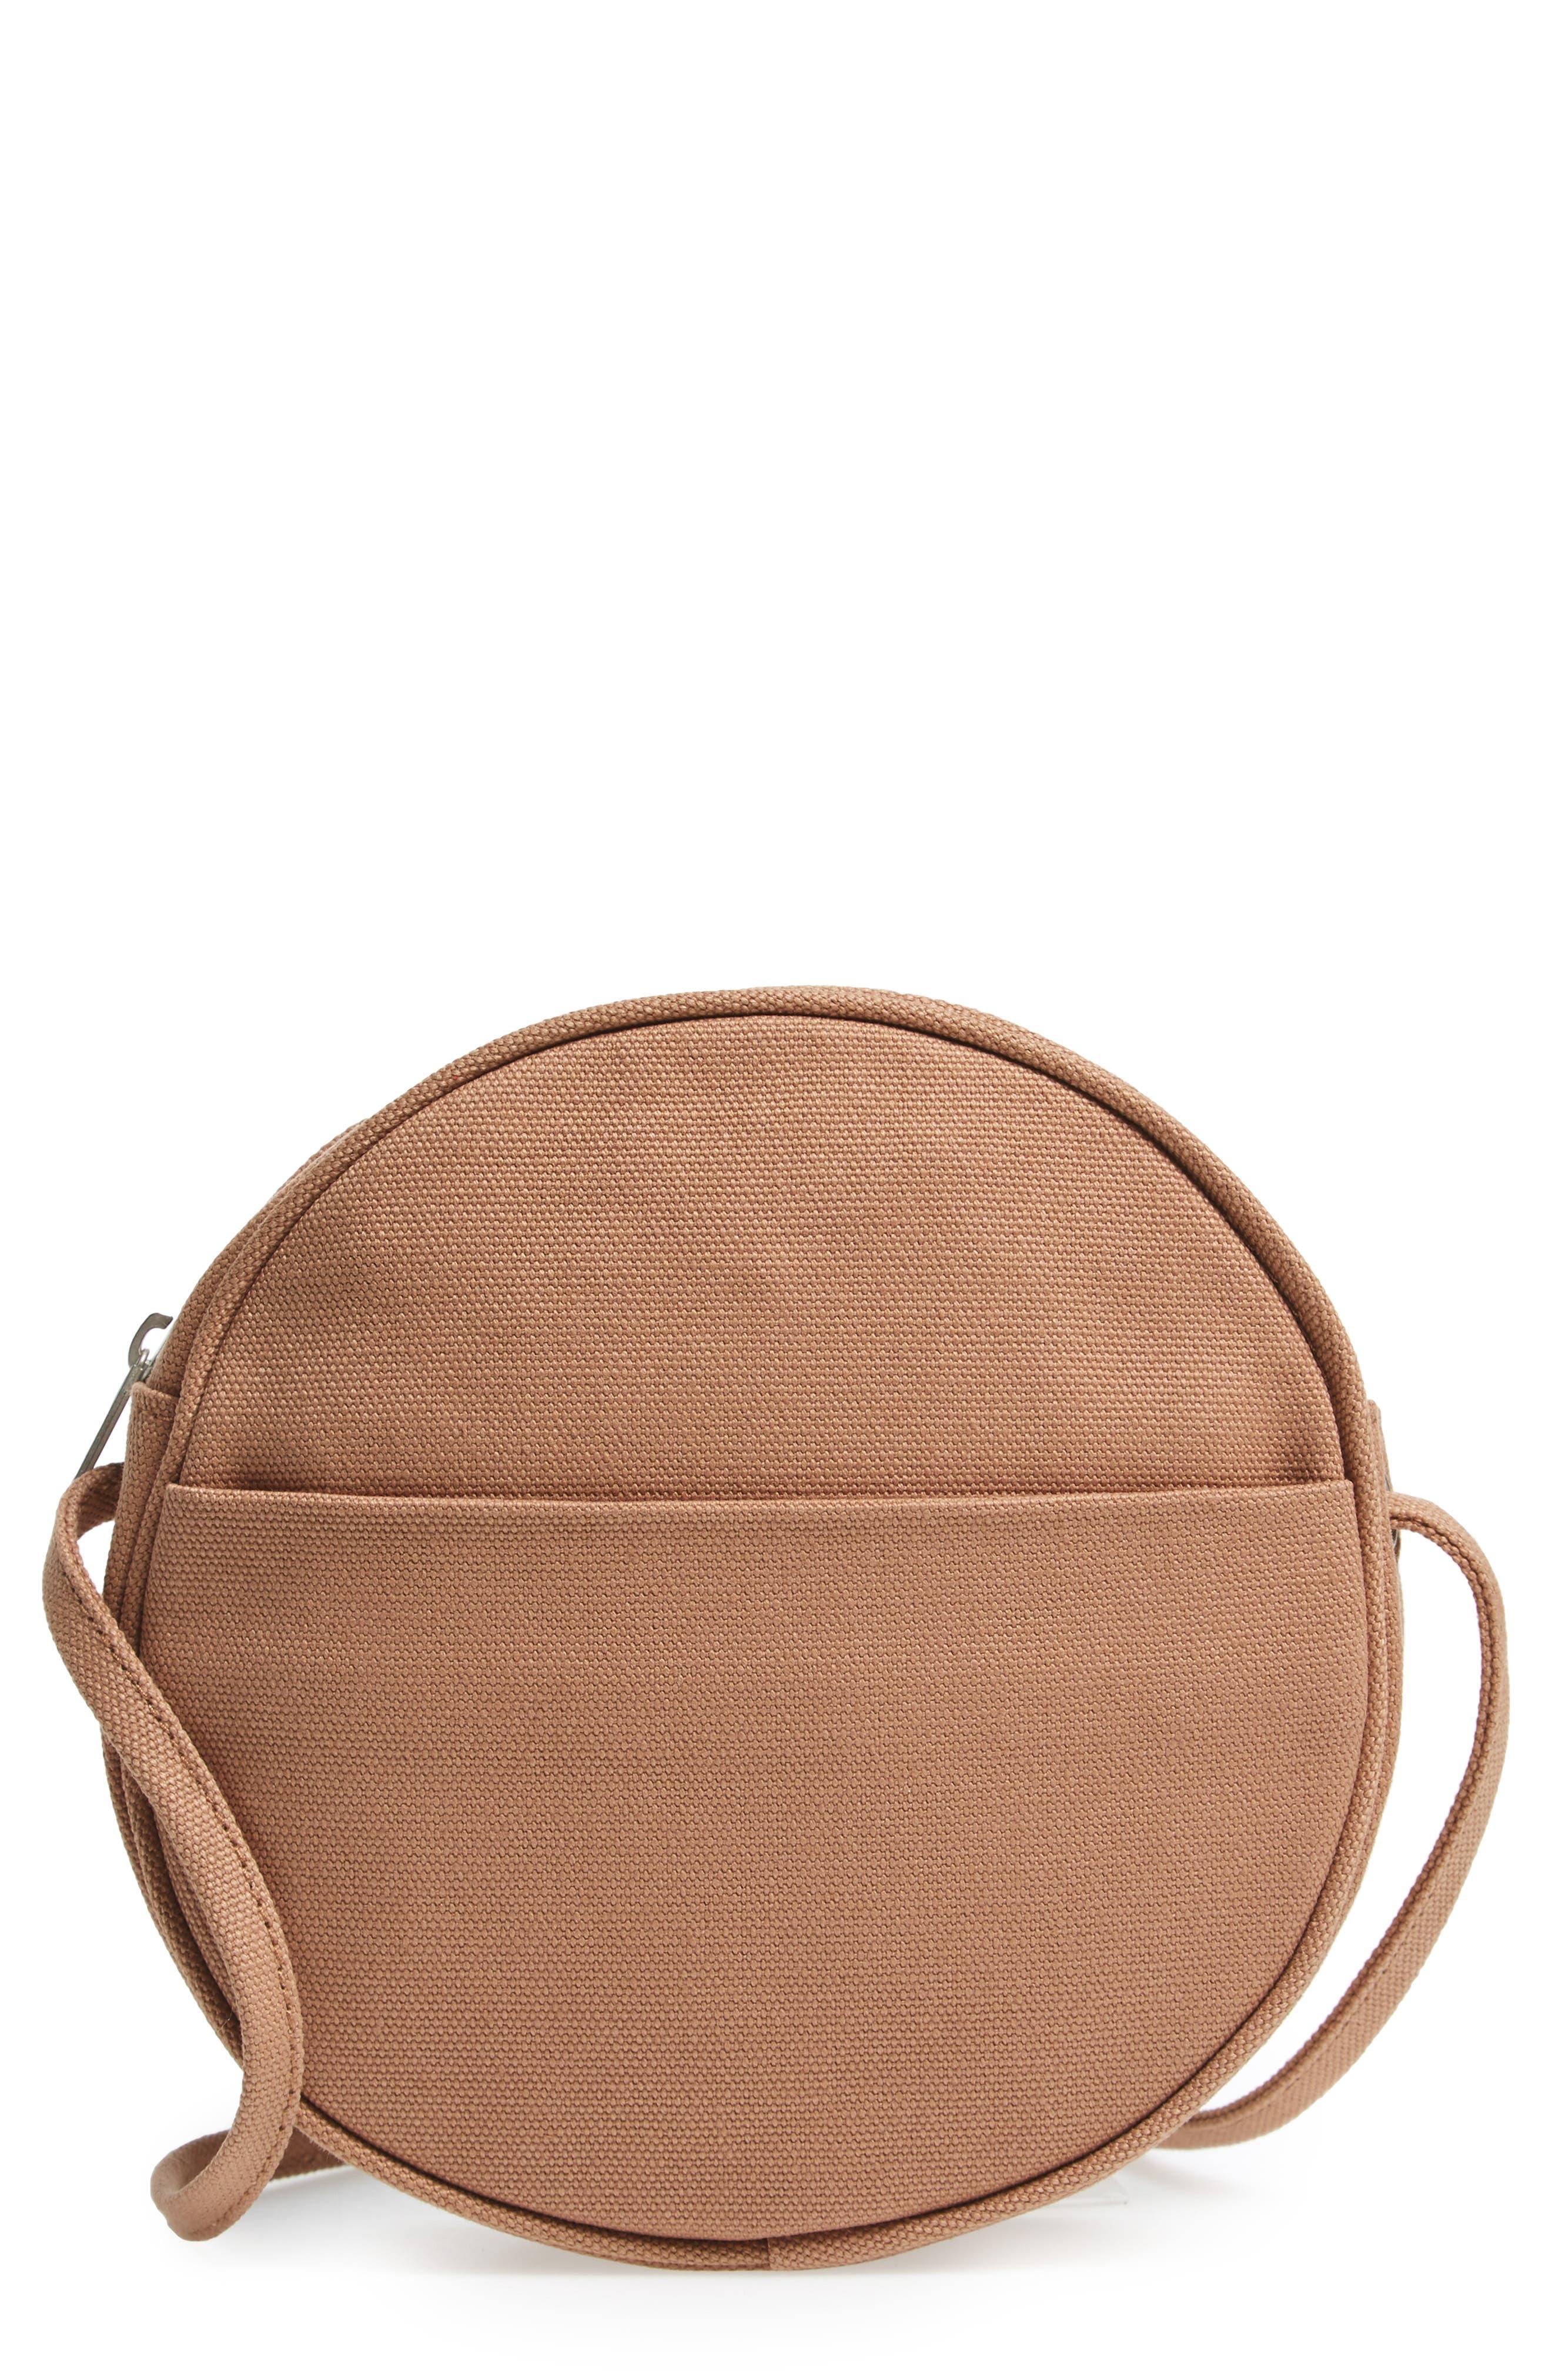 Baggu Small Canvas Shoulder Bag